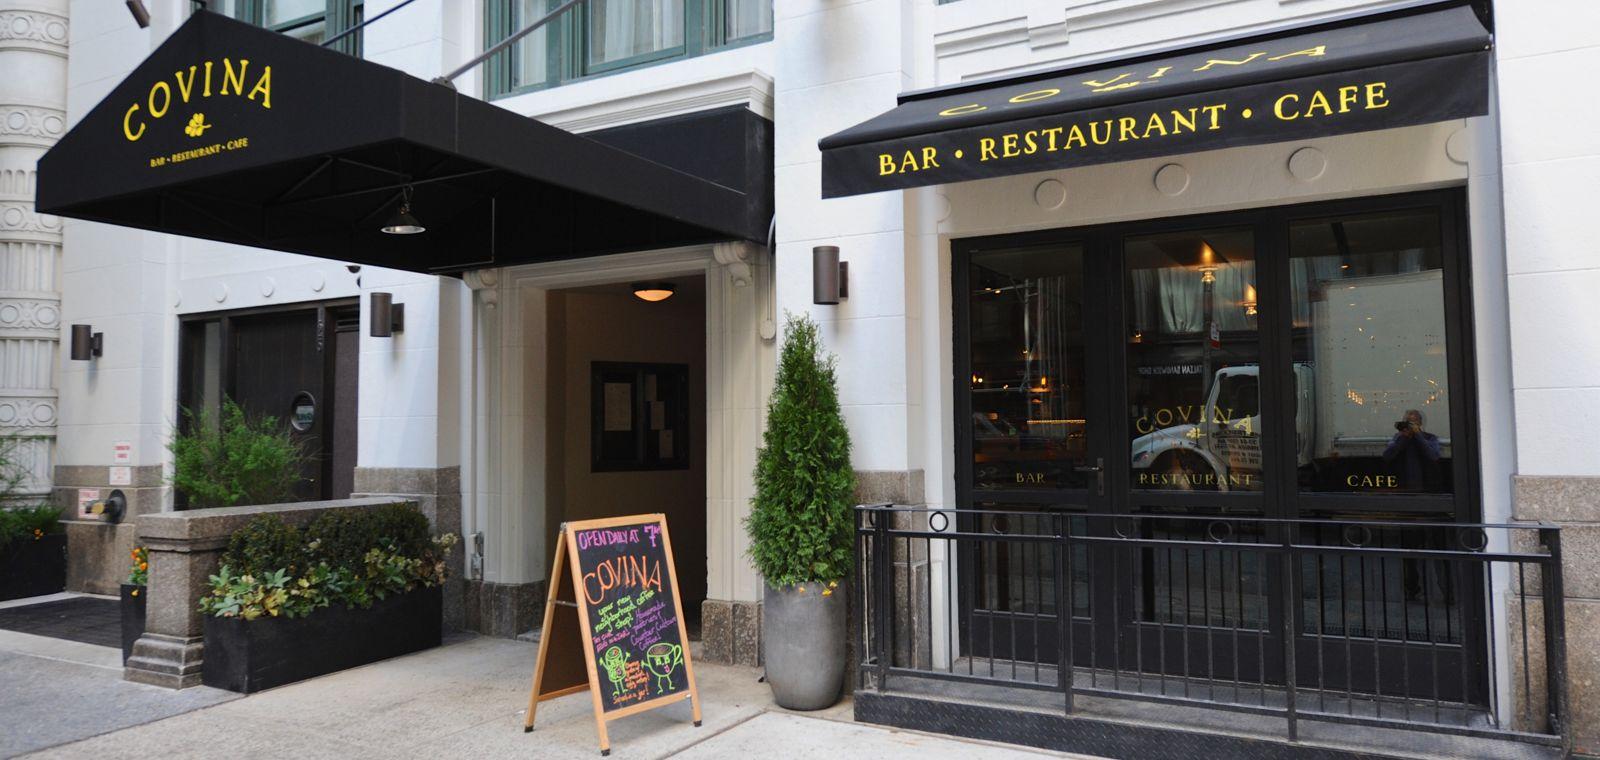 Park South Hotel_Exterior_Covina Cafe